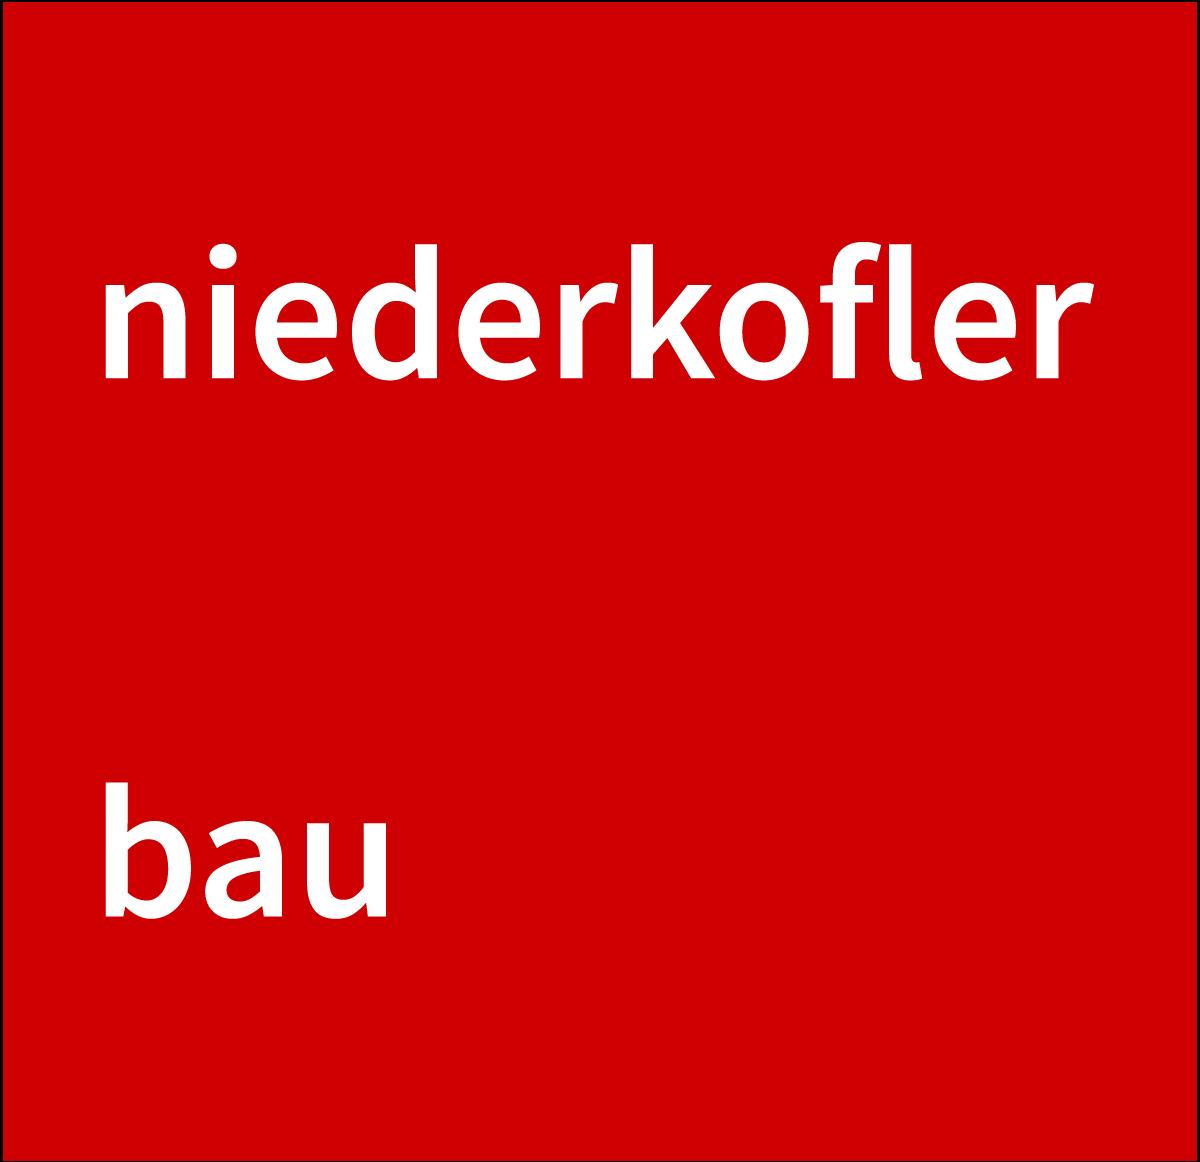 niederkofler-bau-logo-2021